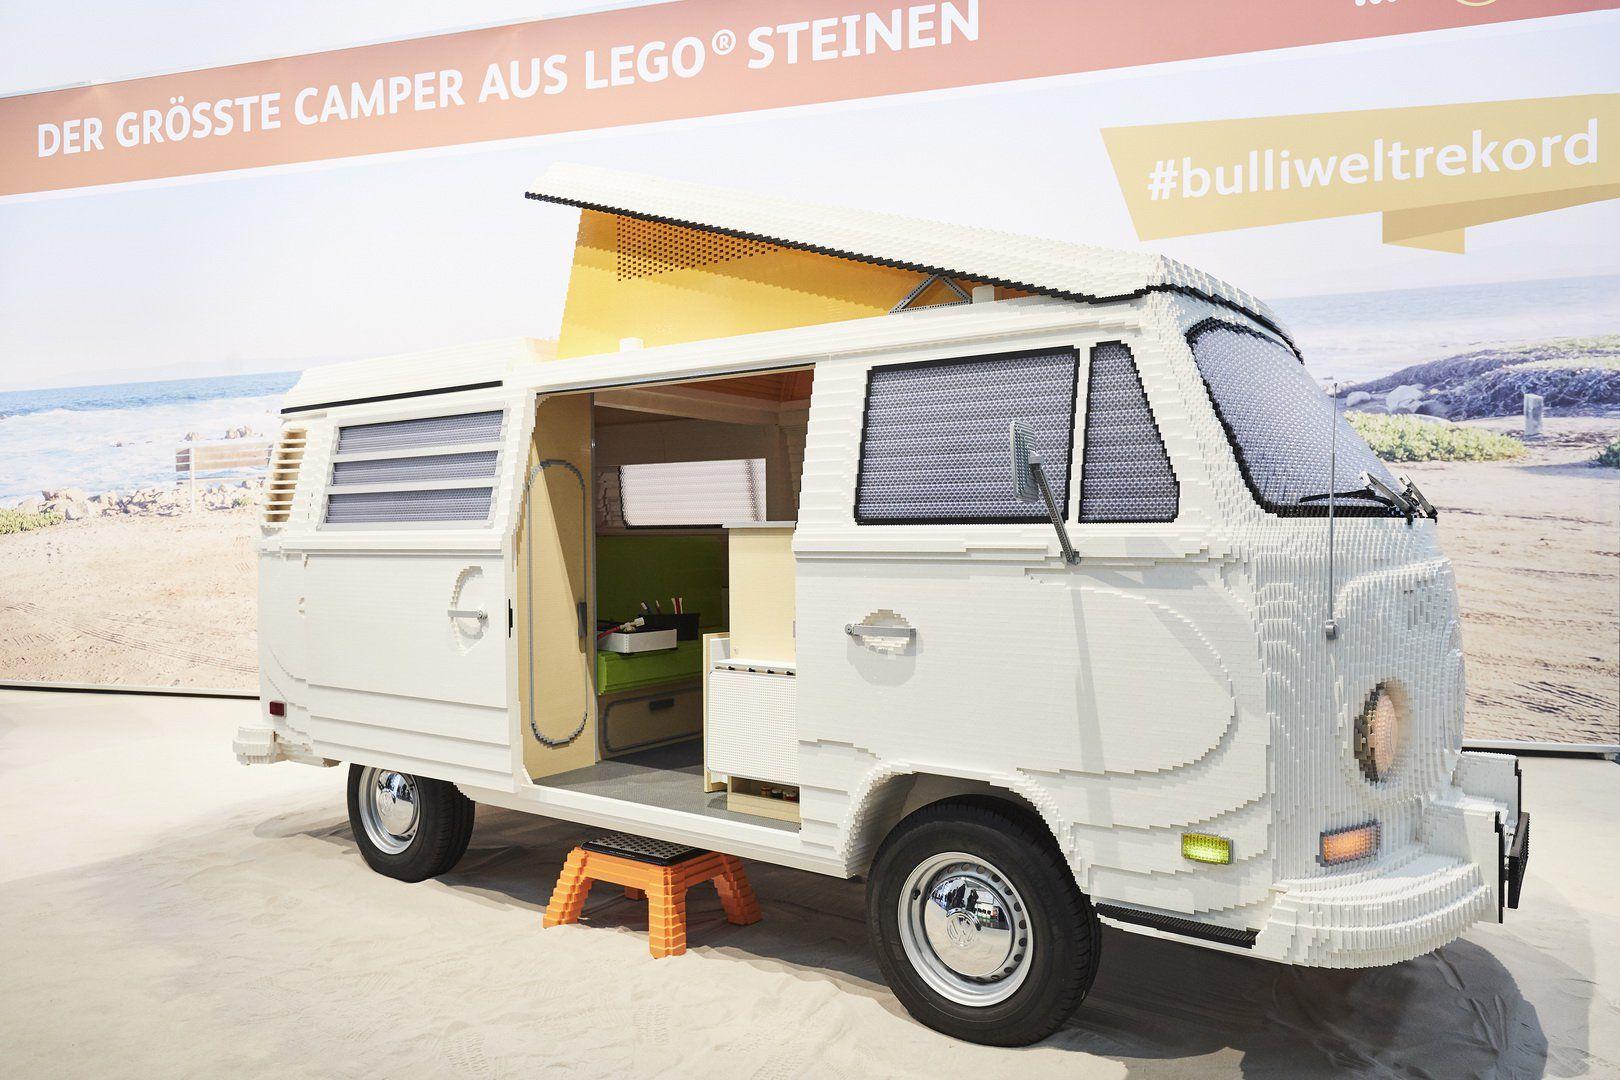 Двоє хлопців зібрали з 400 тисяч кубиків LEGO повномасштабний Volkswagen T2 Camper